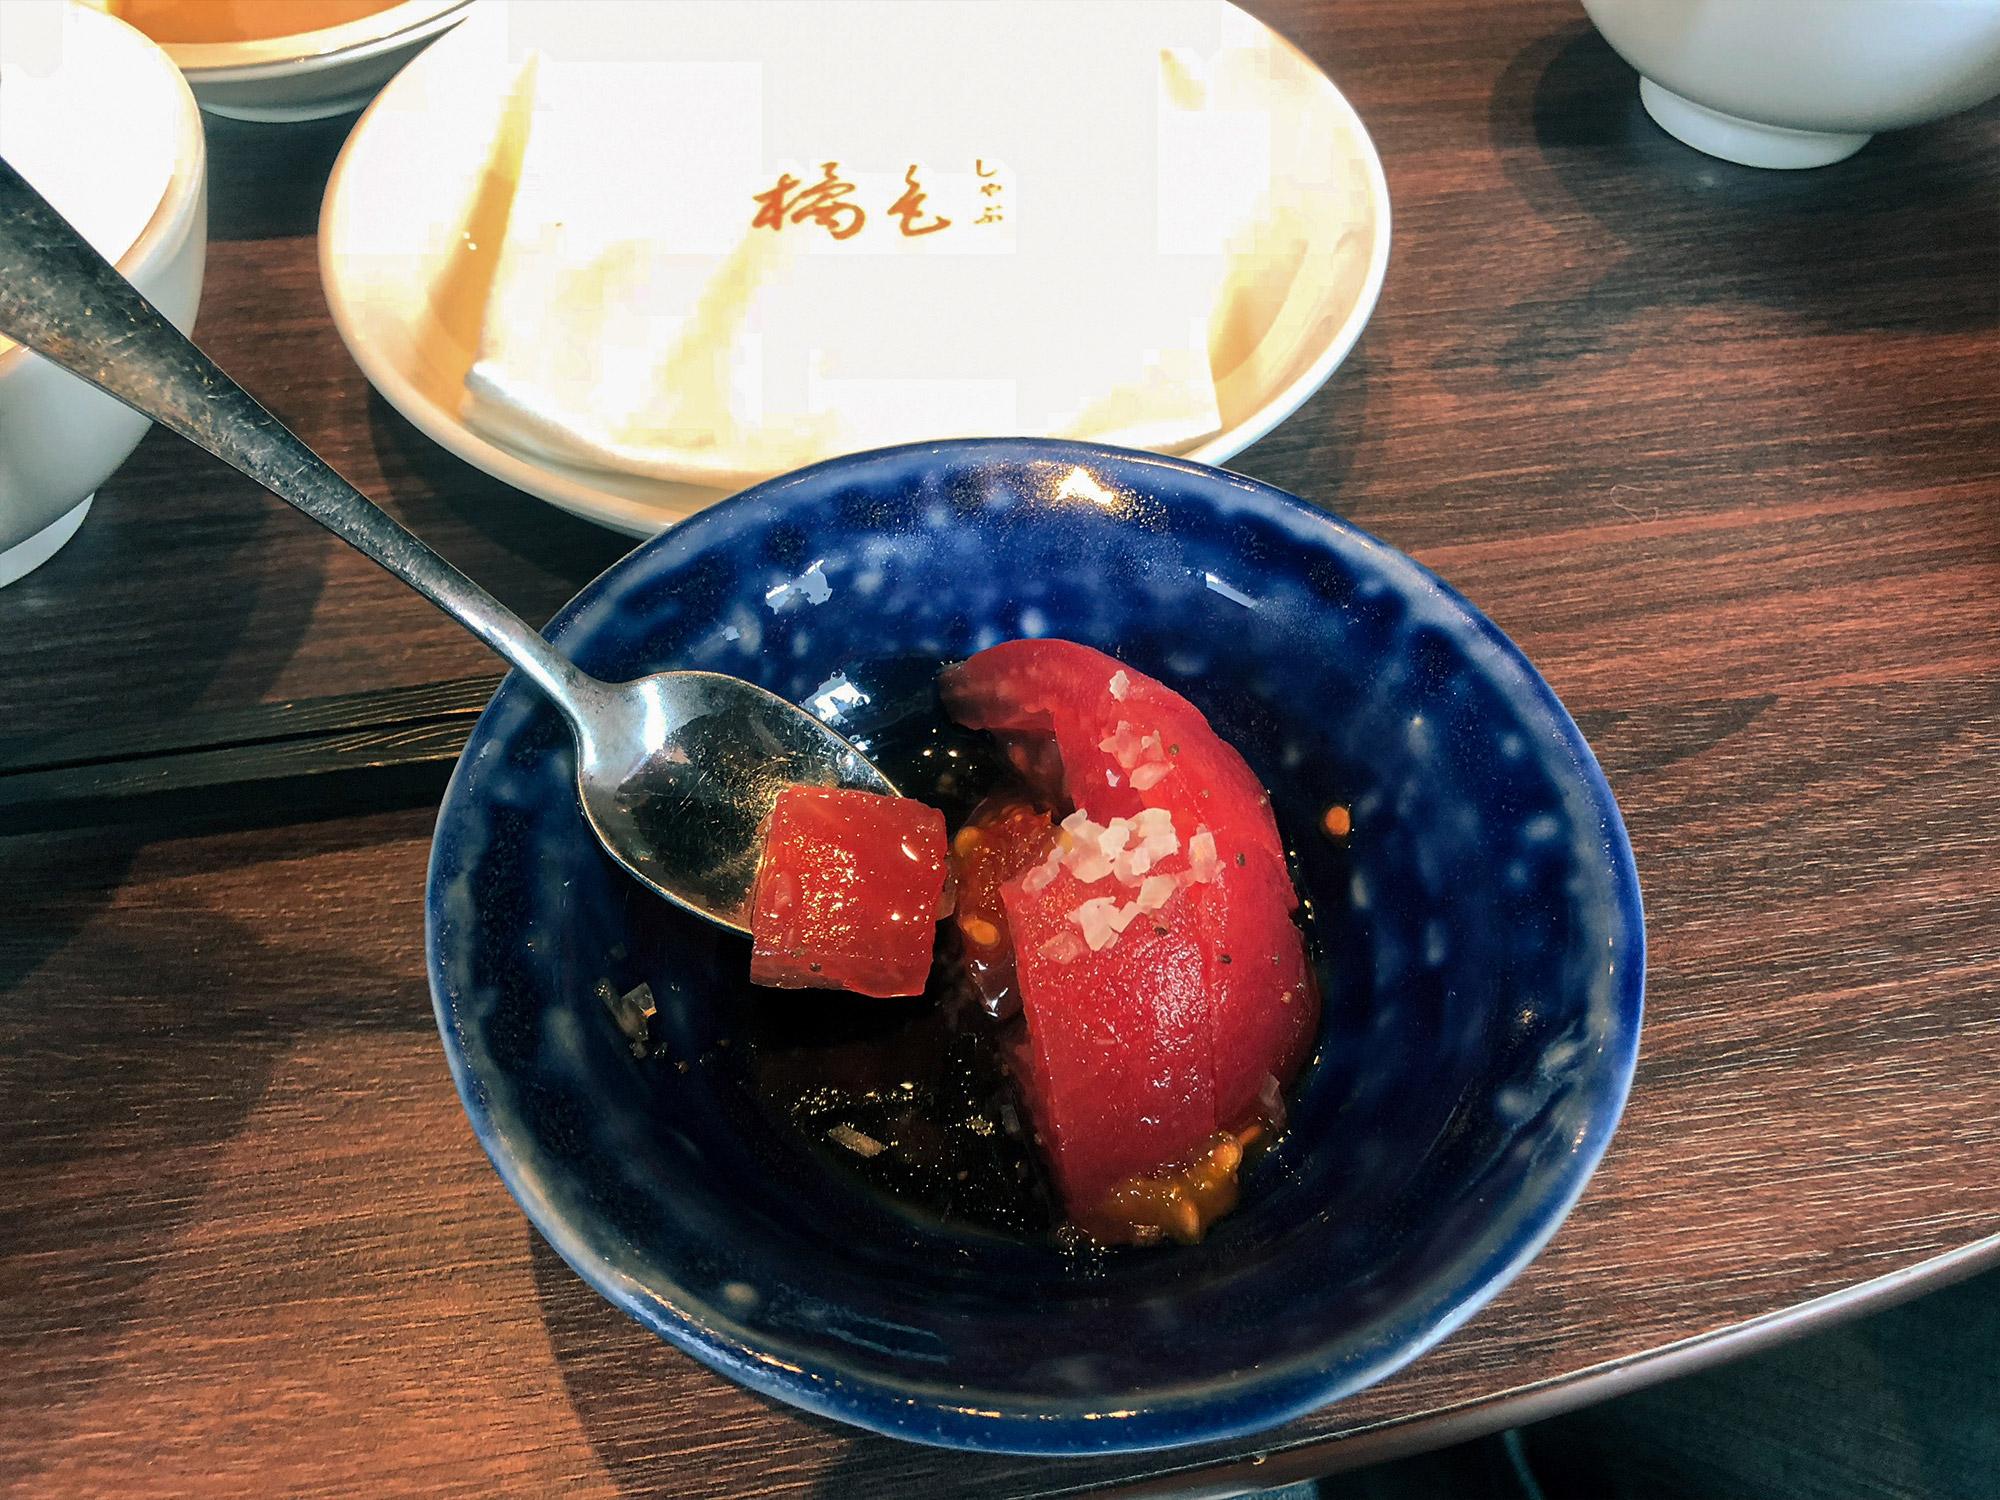 橘色二館前菜番茄